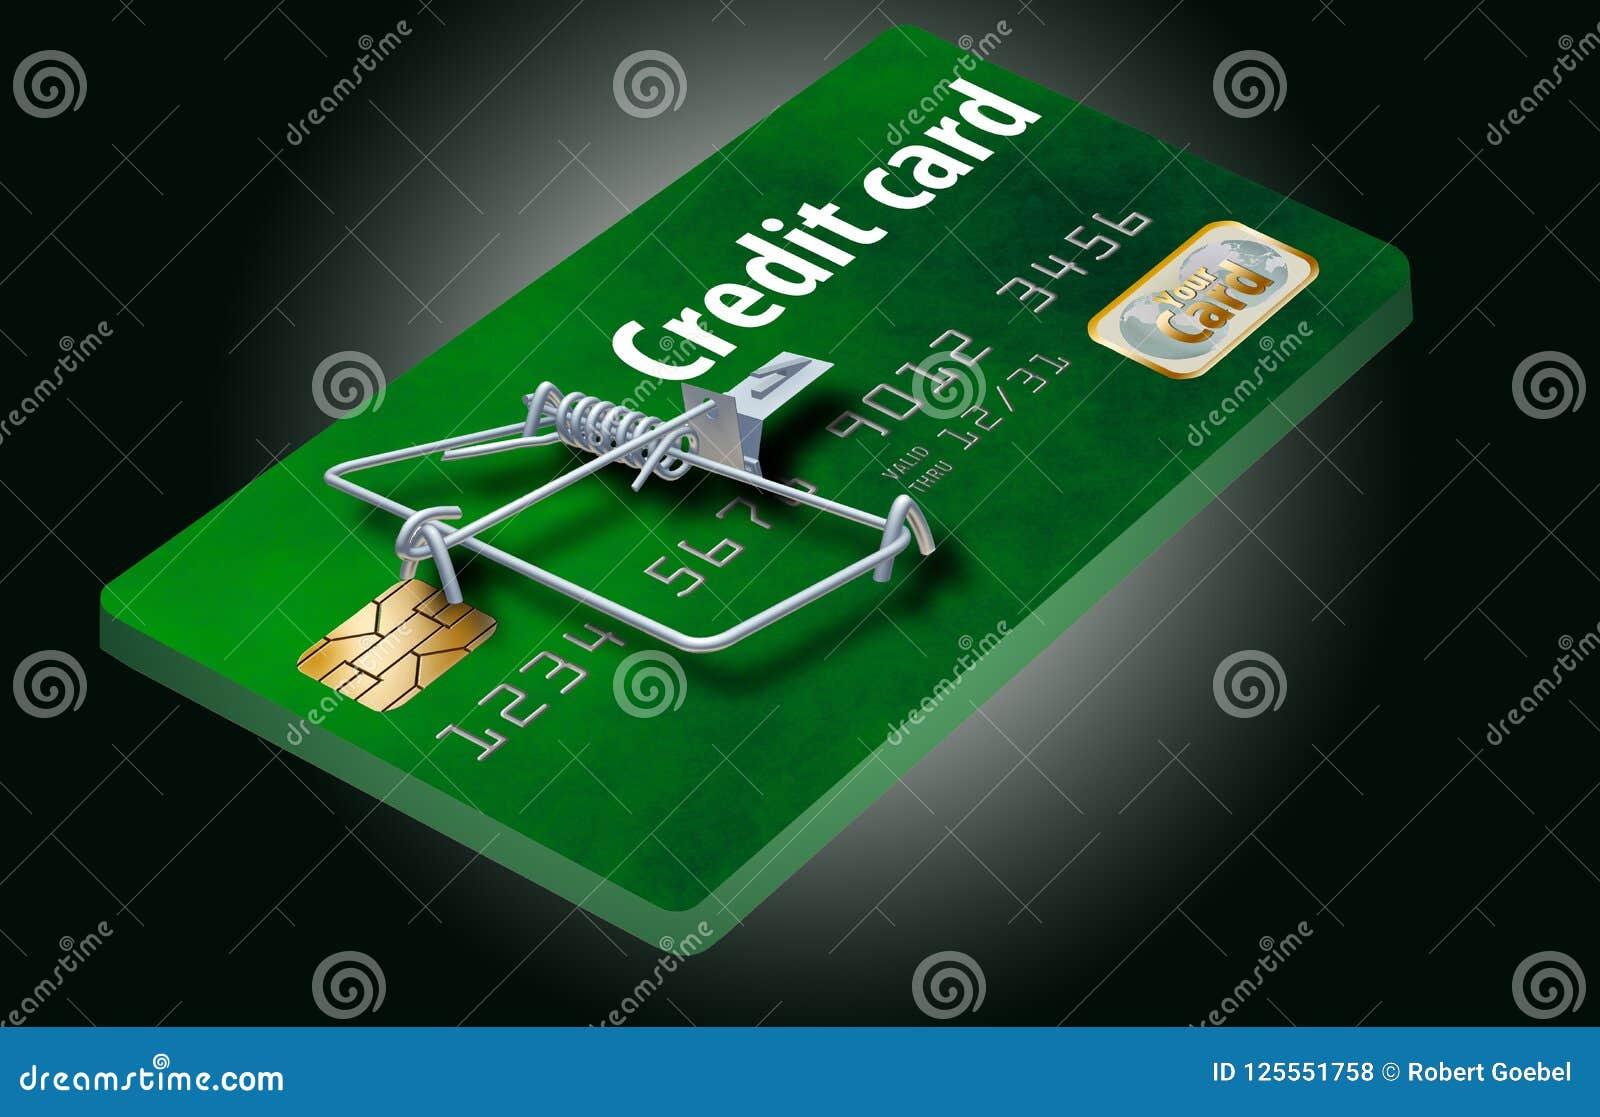 Vermeiden Sie Kreditkartefallen, wie diese, die wie eine Kreditkarte aussieht, die zu eine Mausefalle gemacht wird